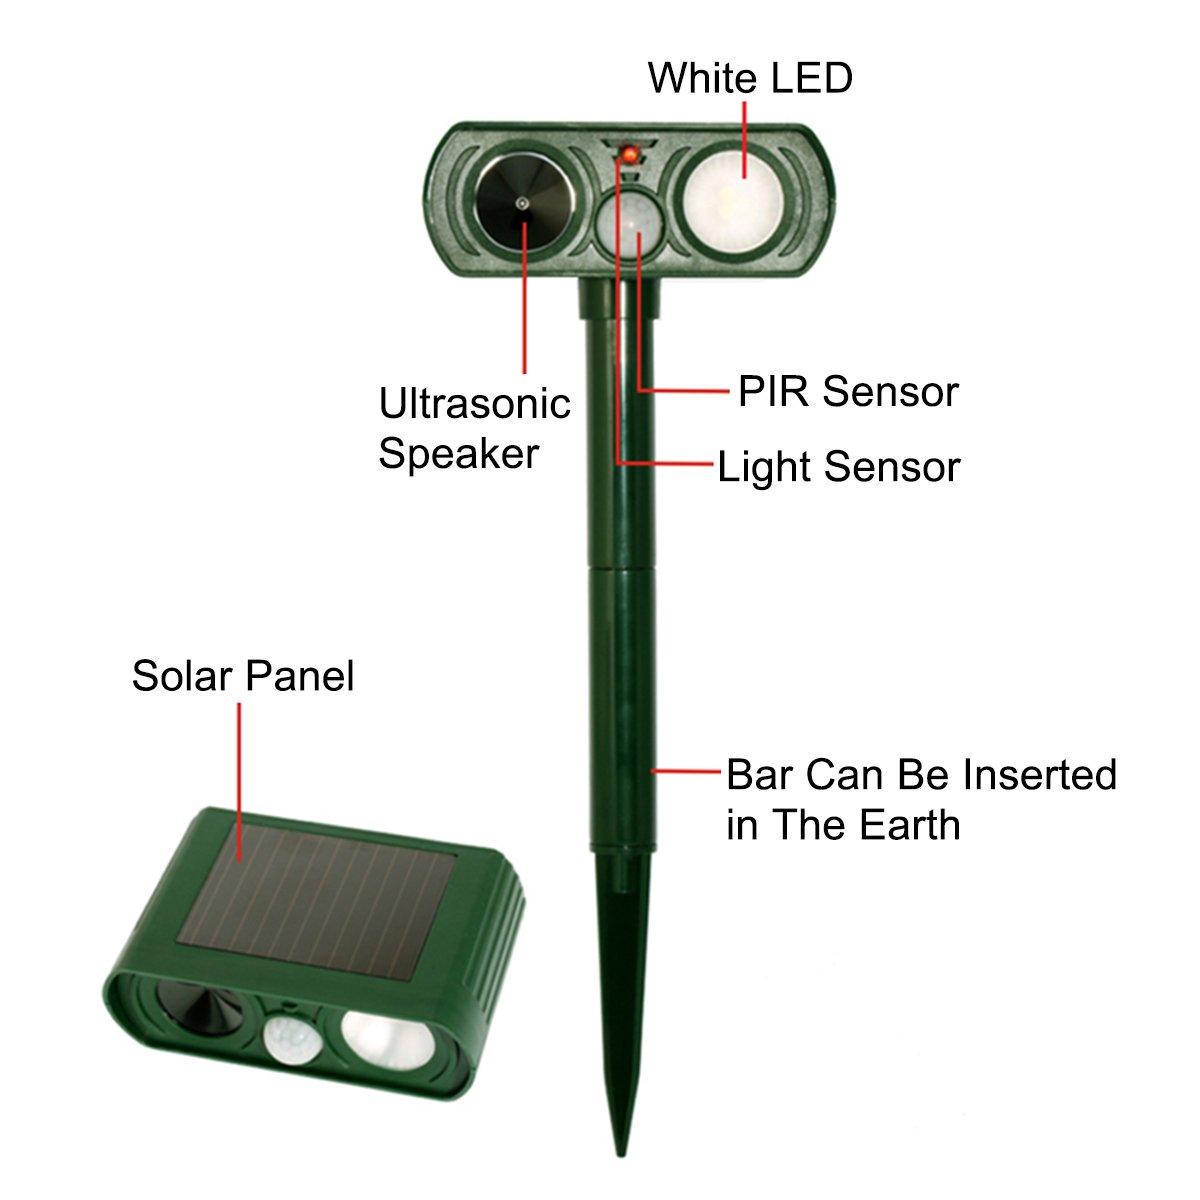 Ahuyentador de animales solar, creación de movimiento al aire libre Senso ultrasónico animal Ahuyentador sensor PIR asustar perro gato ciervo ardilla conejo ...